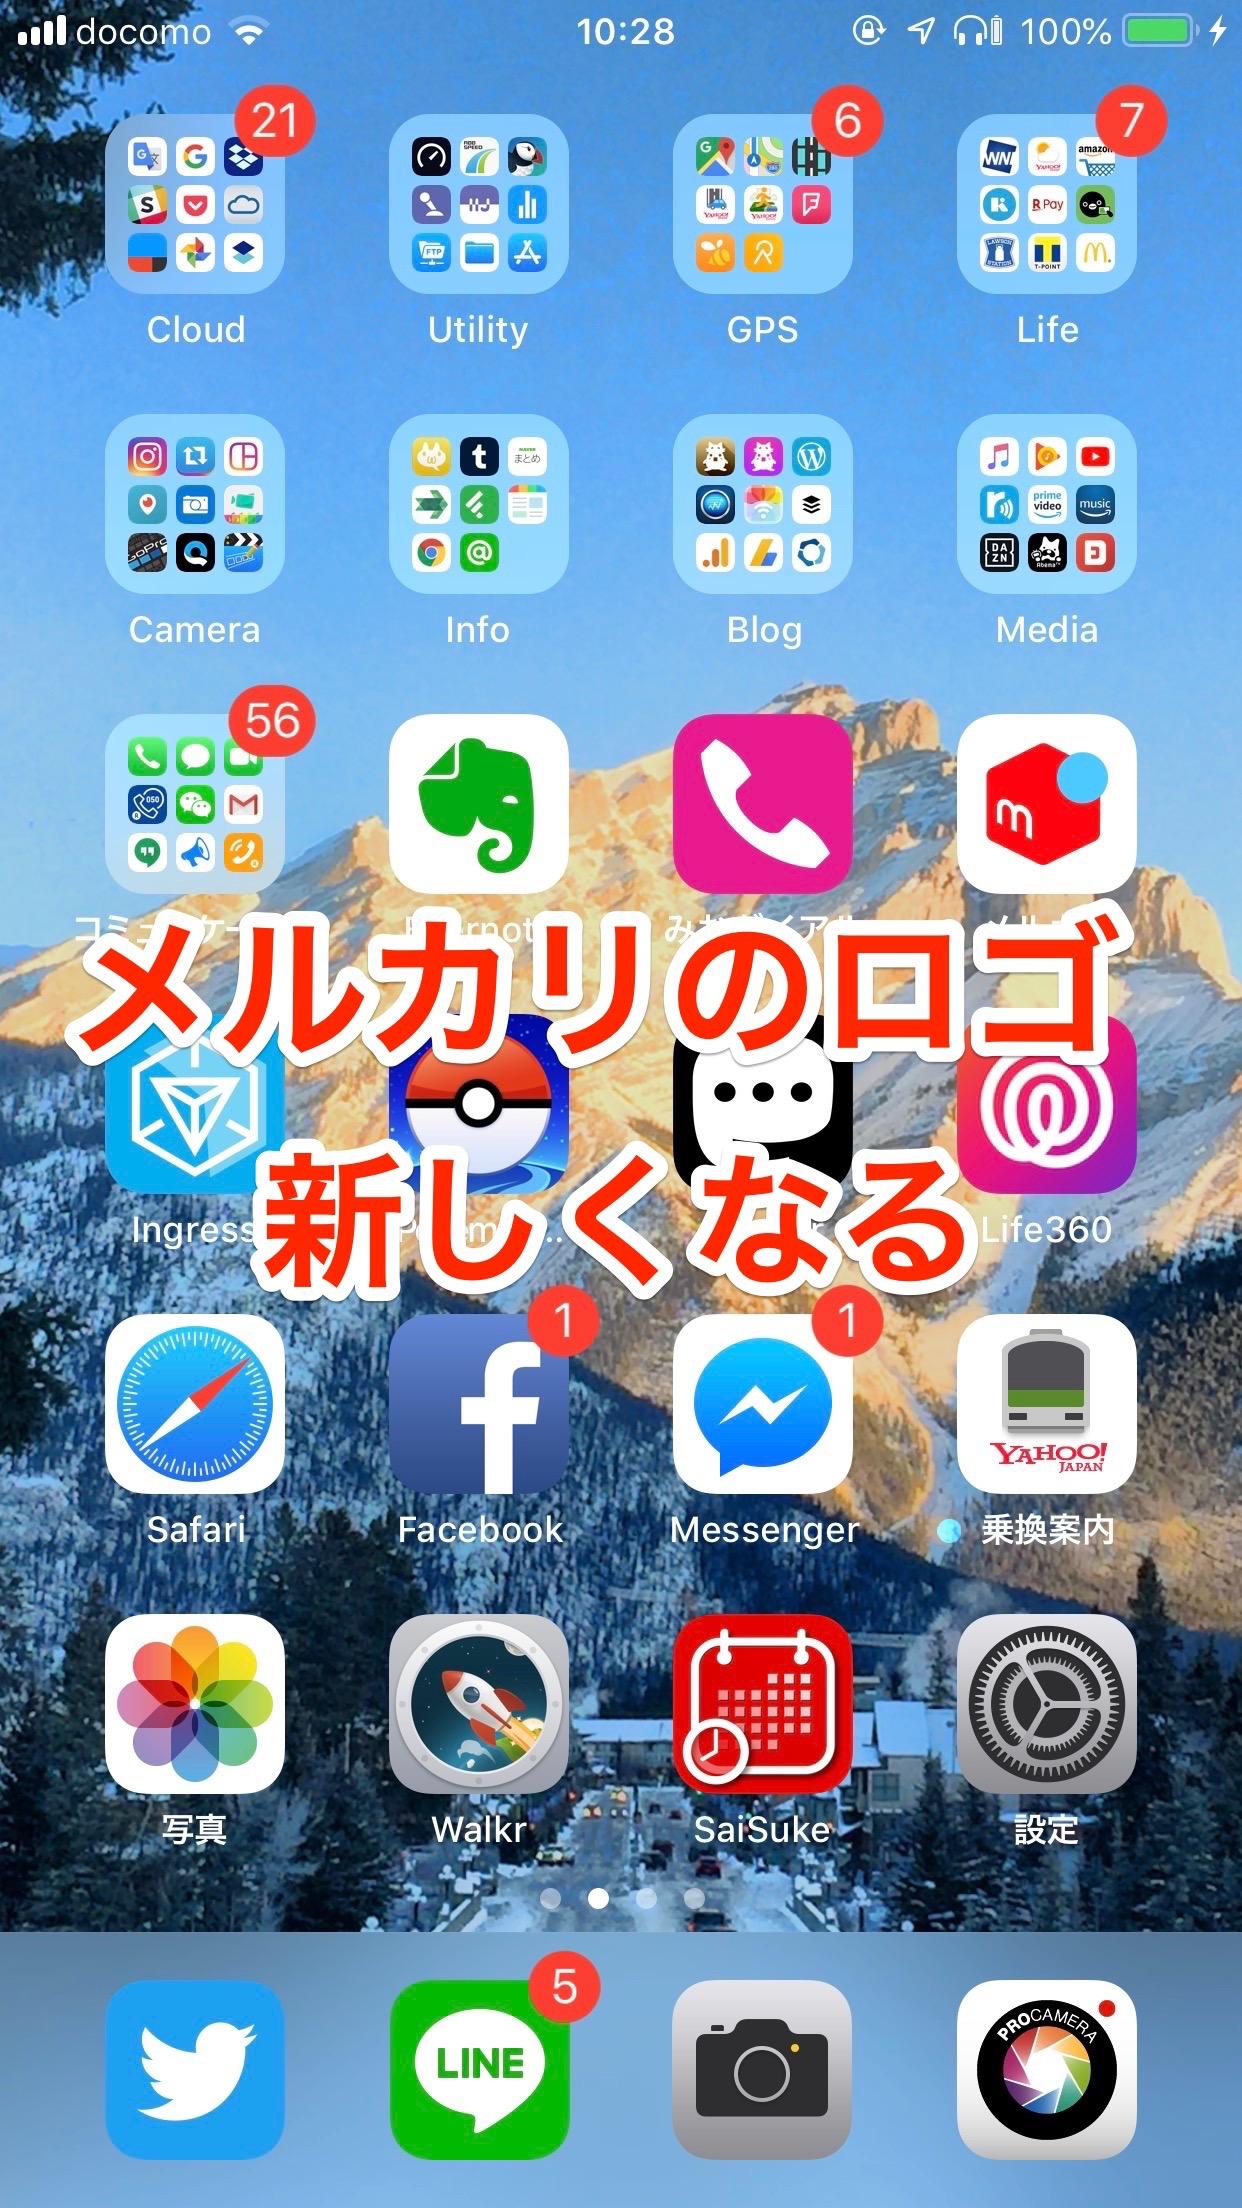 【メルカリ】アプリのアイコン(ロゴ)が新しくなる【10代目】